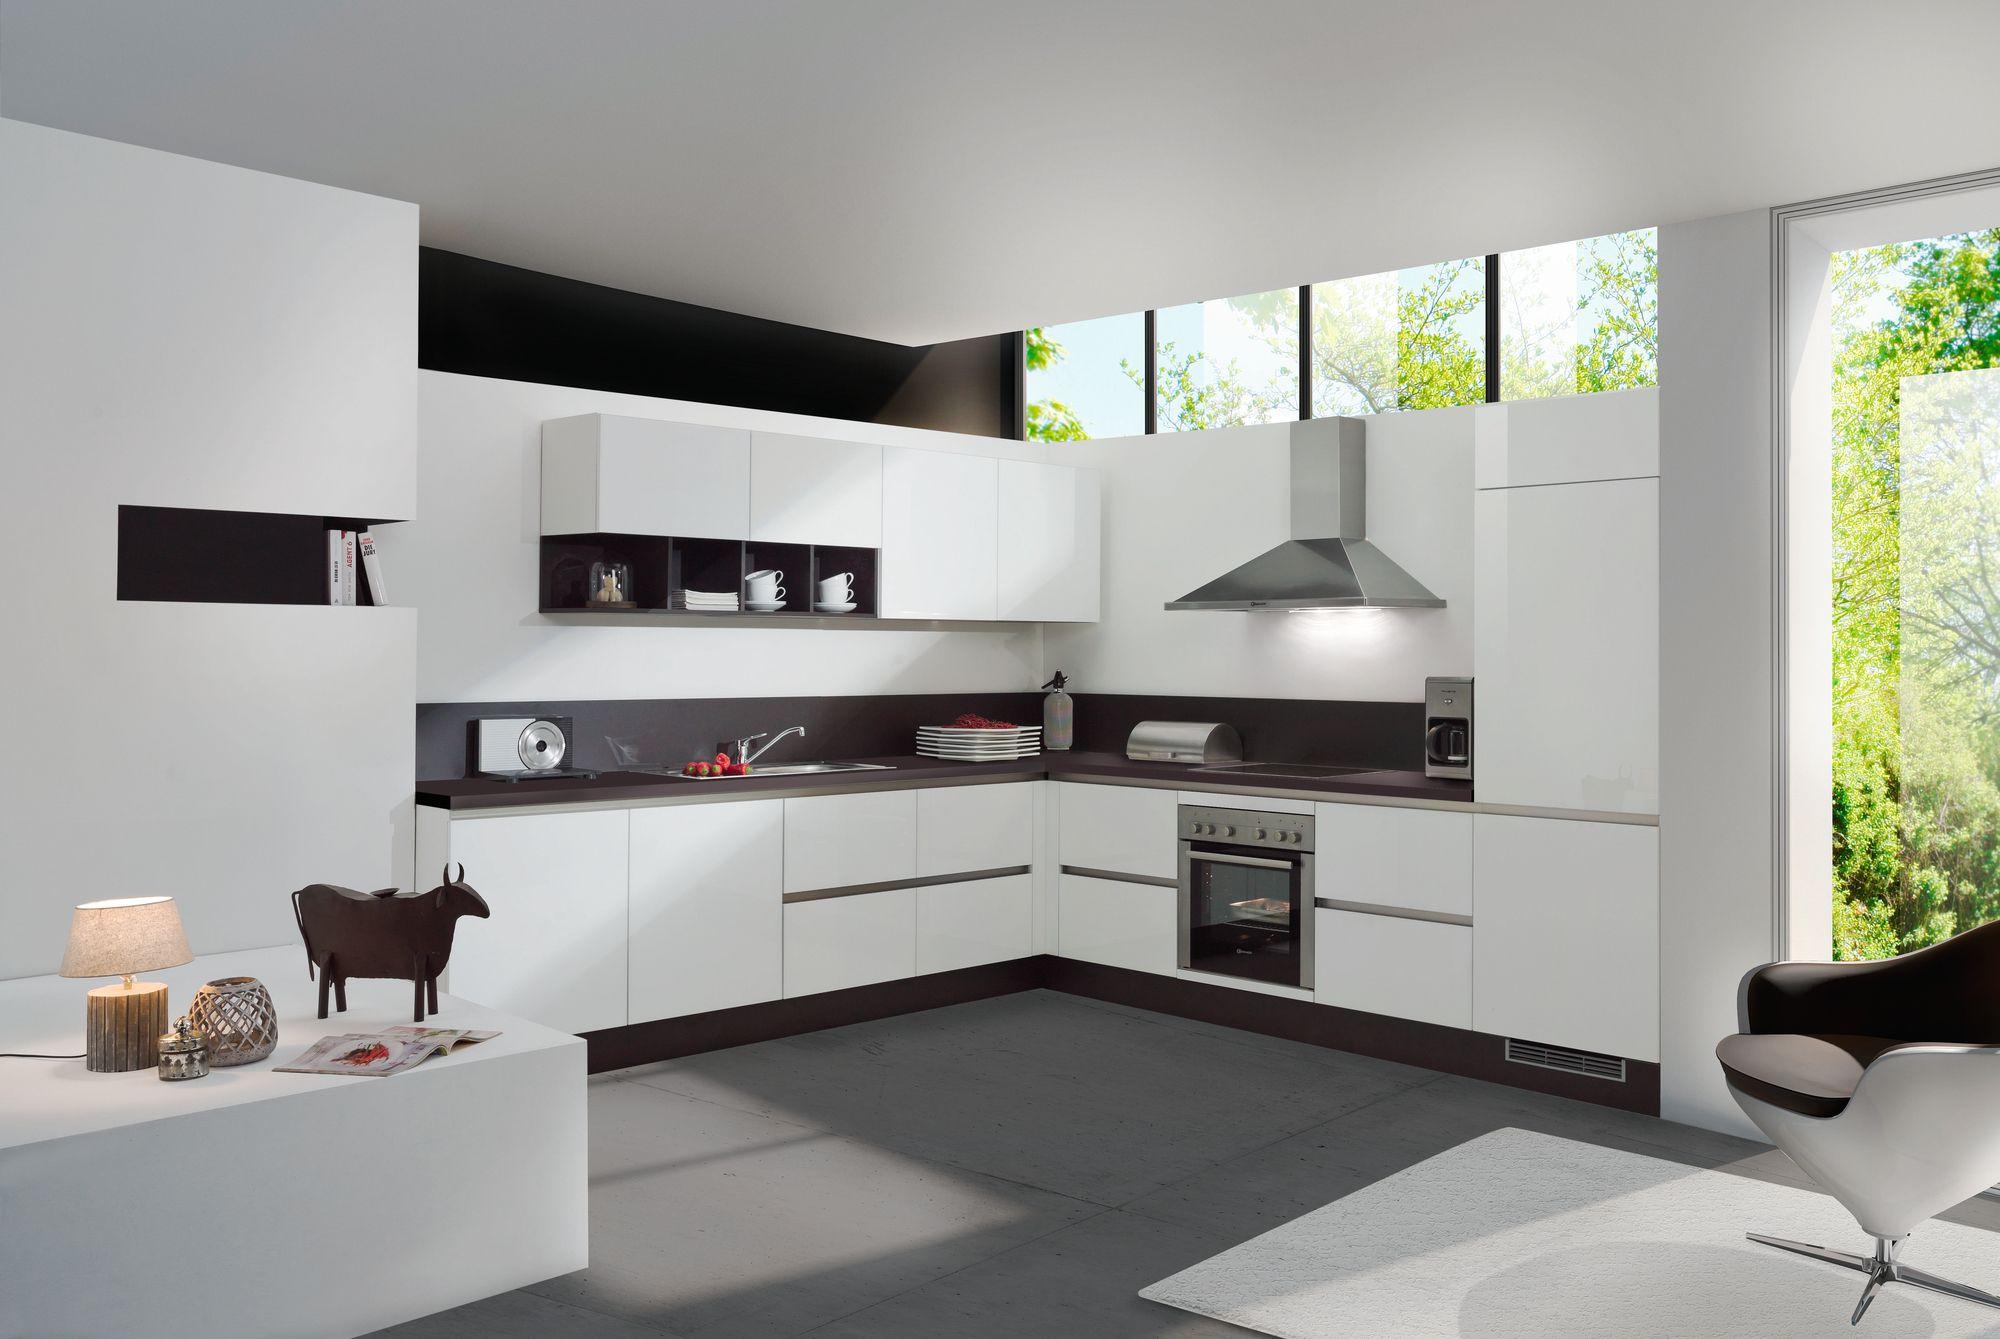 Cuisine AvivA Moderne Design pur httpwwwcuisinesavivacom  cuisine  Pinterest